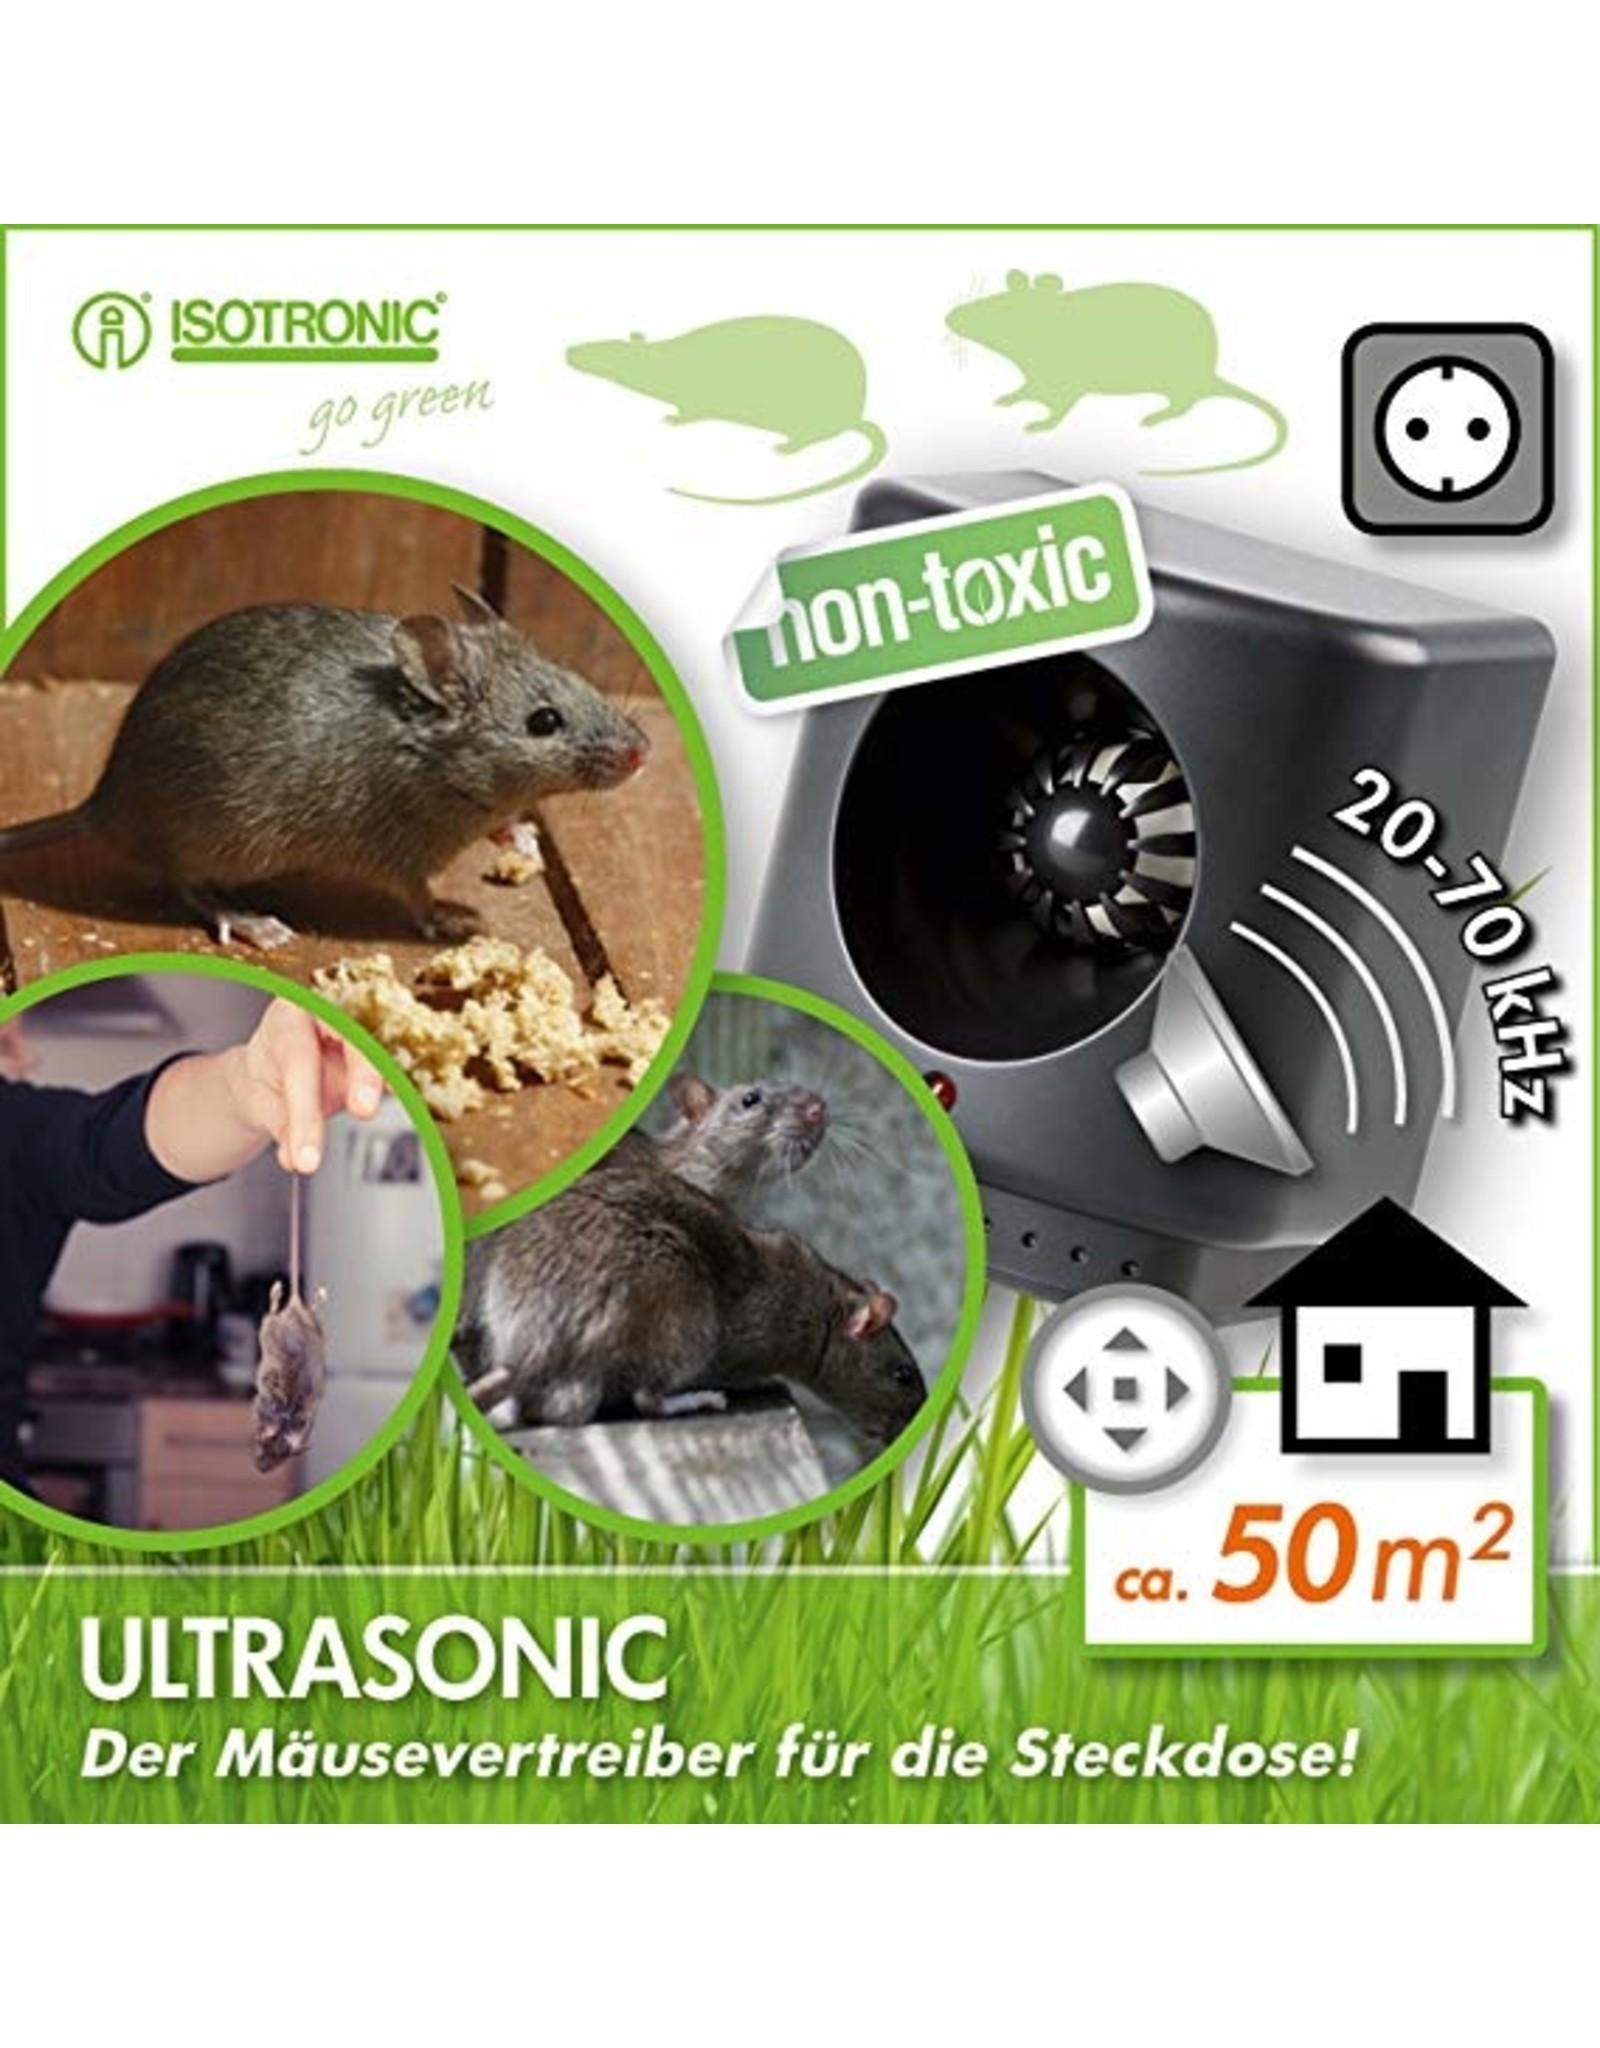 Isotronic Ratten- en muizenverjager Ultrasonic XL200